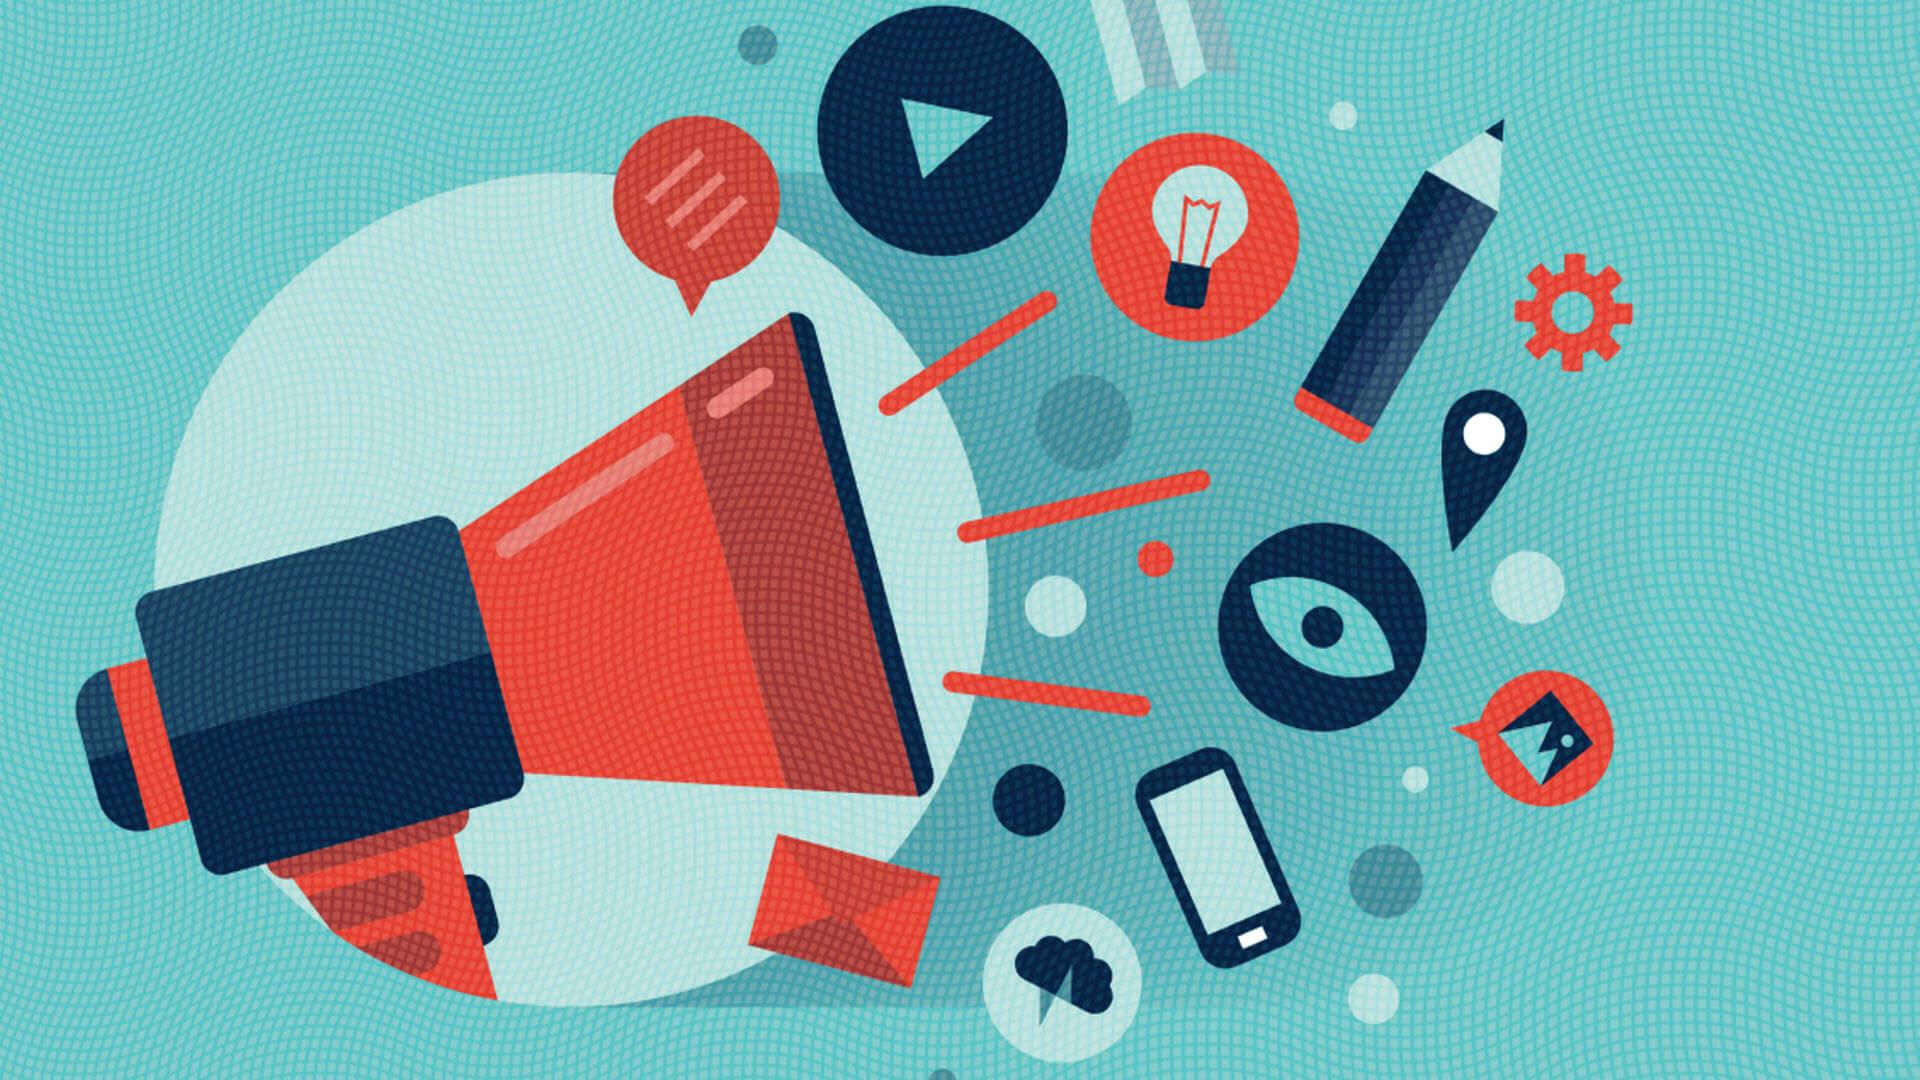 Nuevo informe de la Asociación de búsqueda local sobre la pérdida de anunciantes de pymes